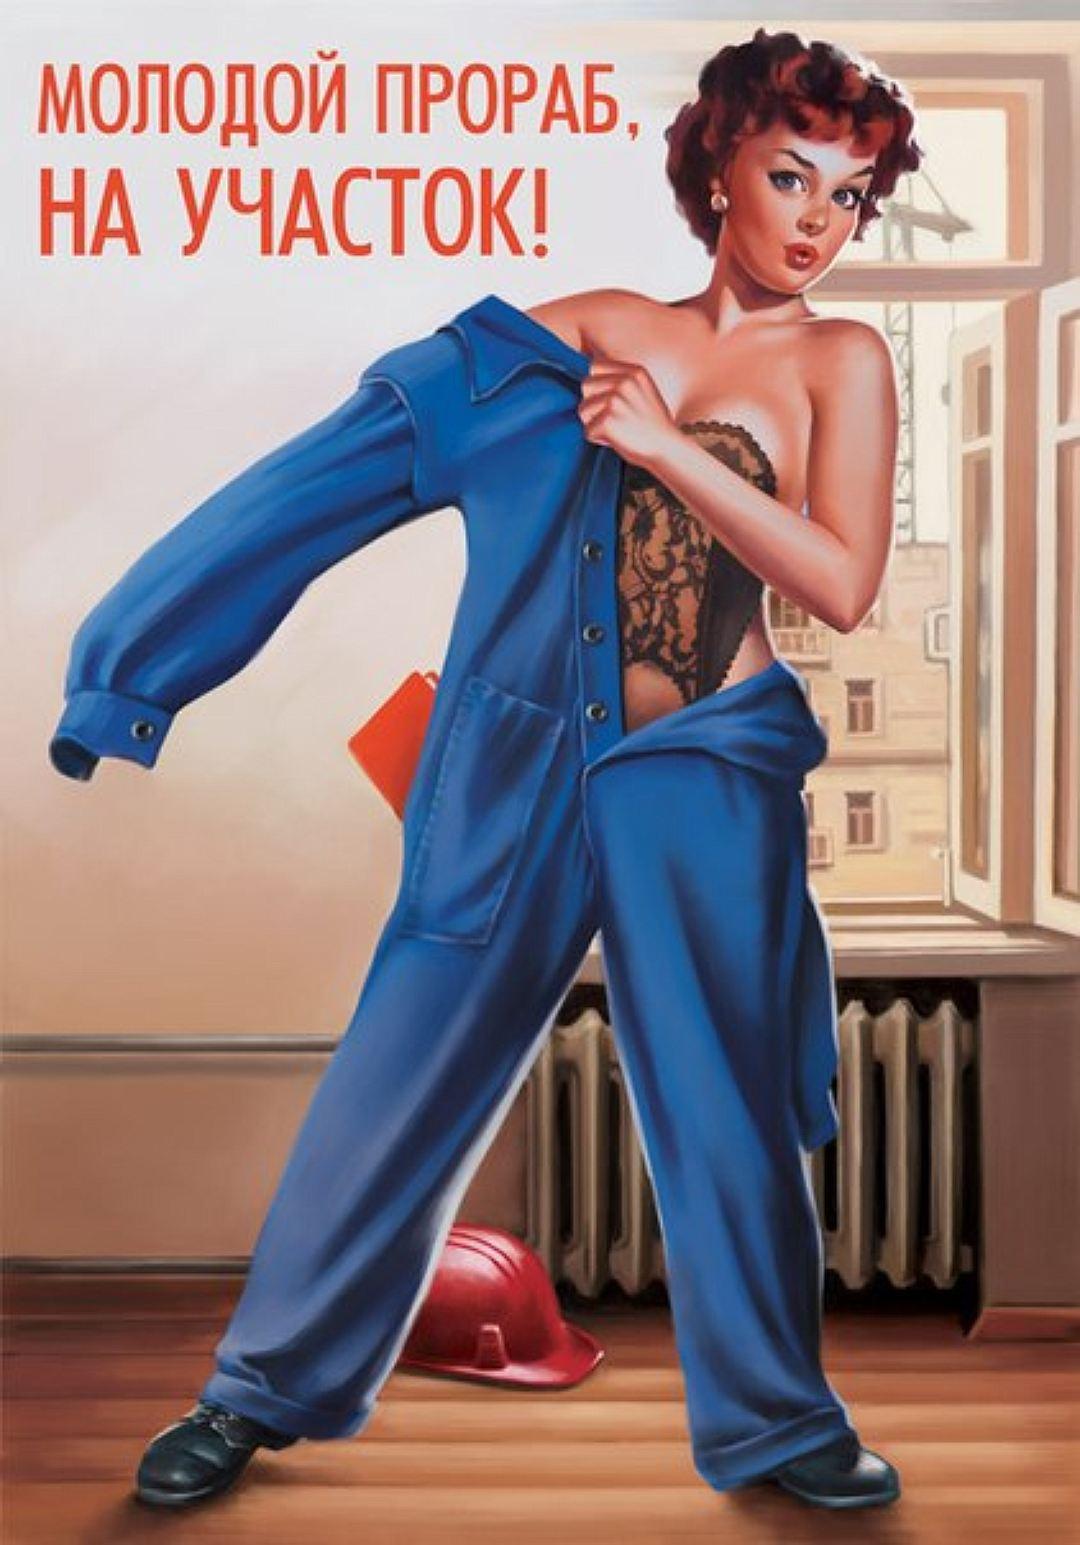 Плакат в стиле советского pin-up от иллюстратора Валерия Барыкина